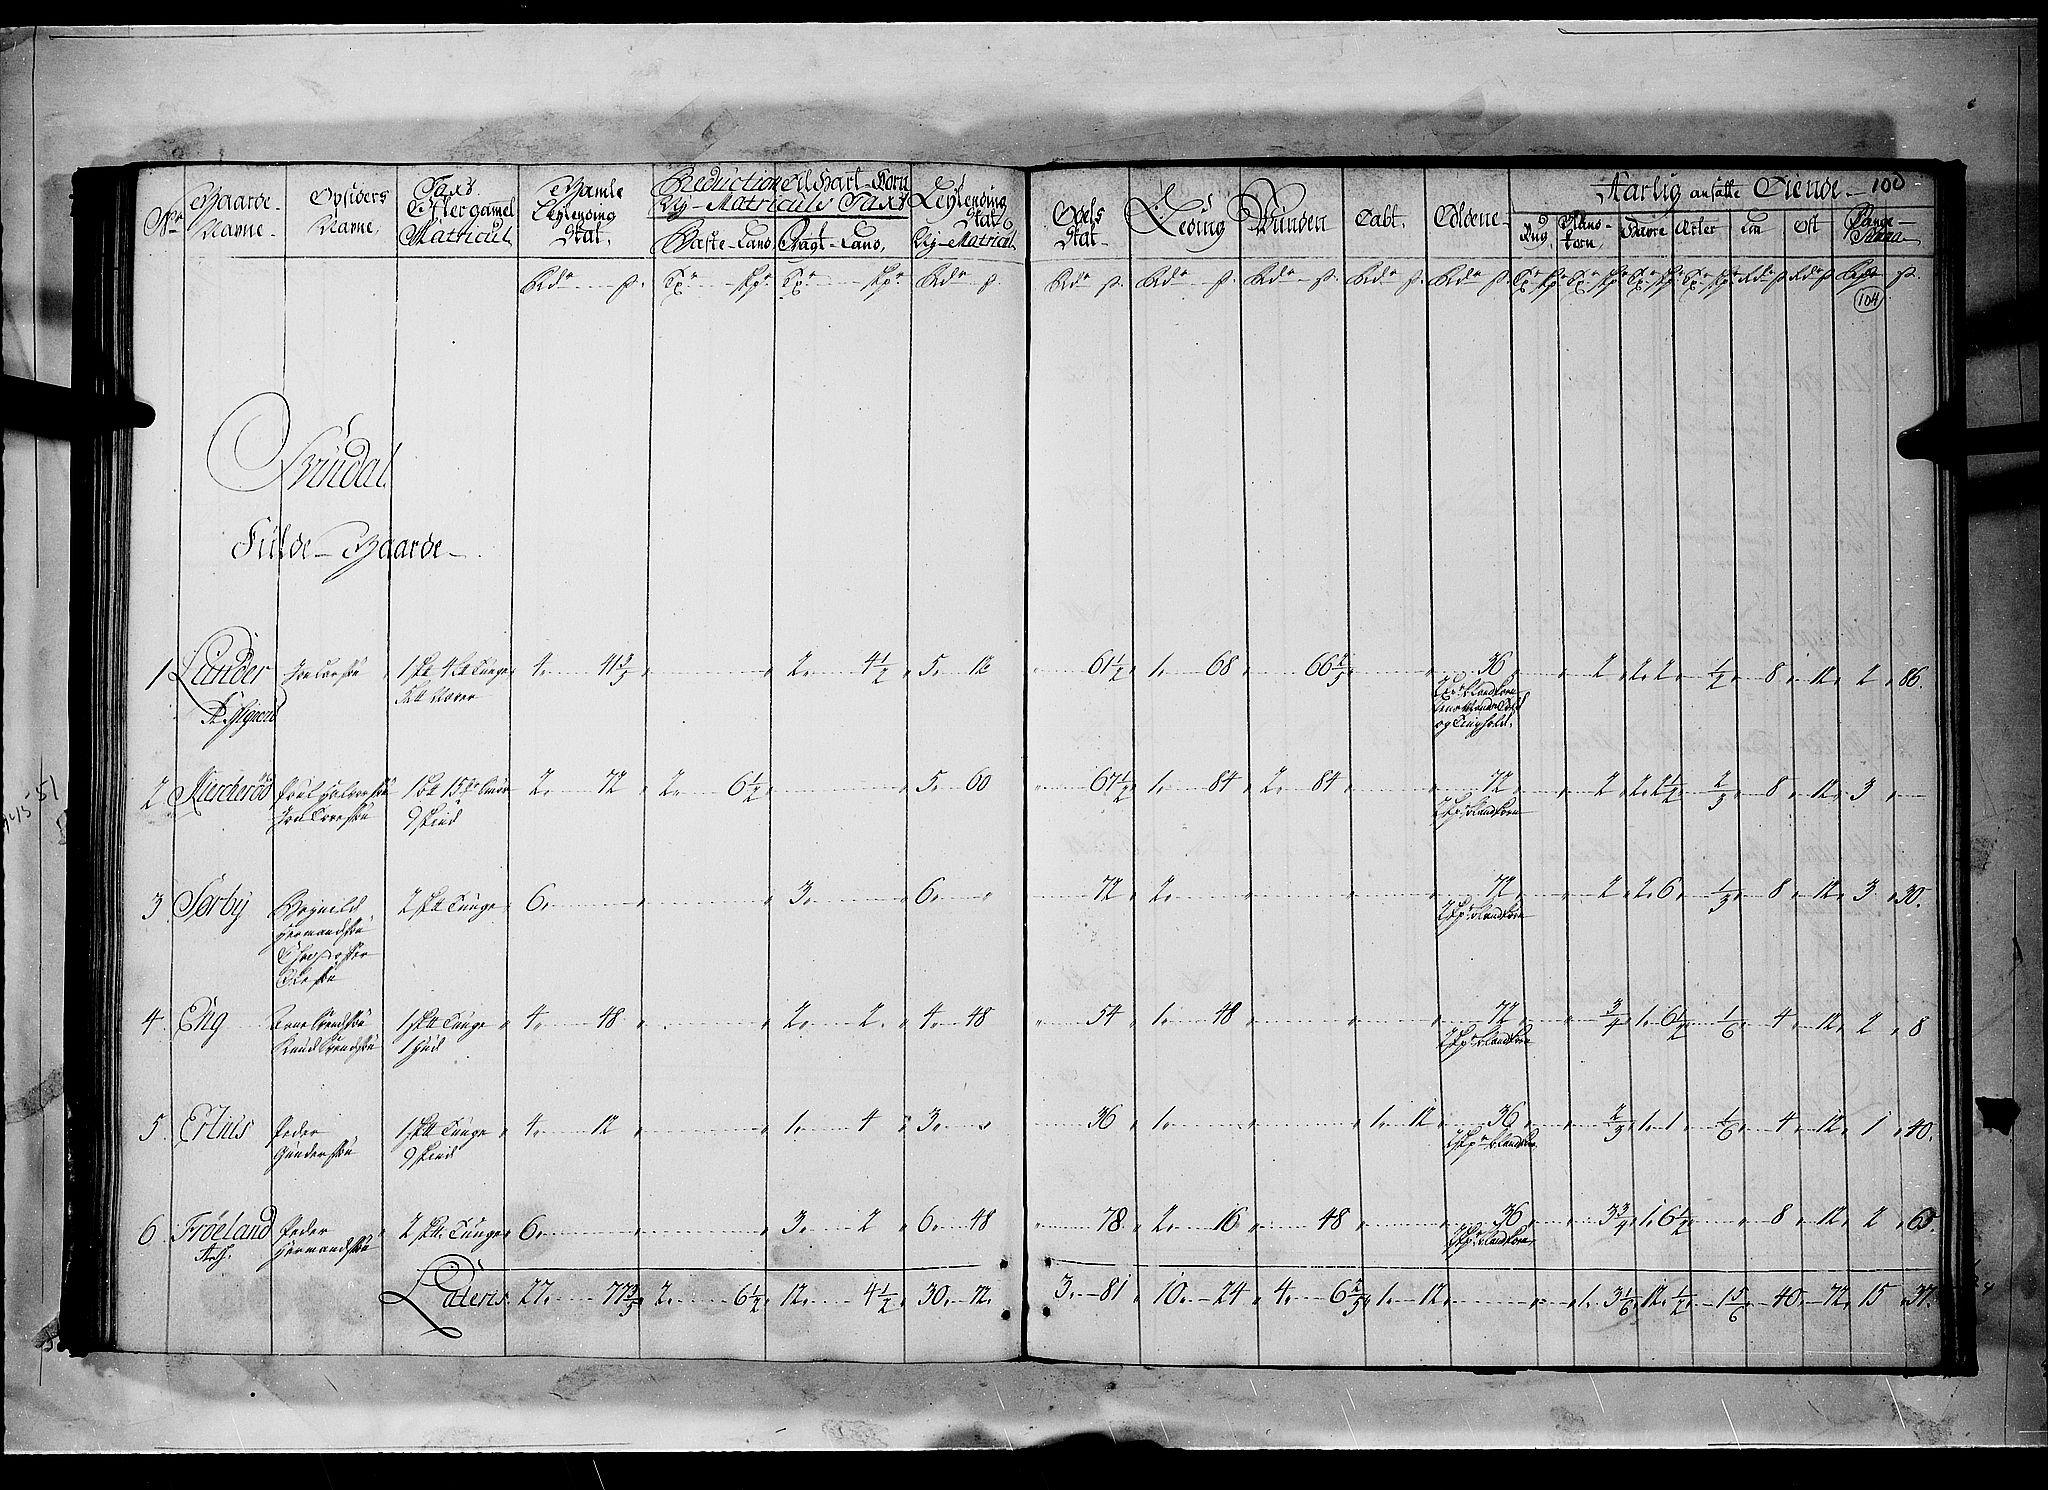 RA, Rentekammeret inntil 1814, Realistisk ordnet avdeling, N/Nb/Nbf/L0096: Moss, Onsøy, Tune og Veme matrikkelprotokoll, 1723, s. 99b-100a